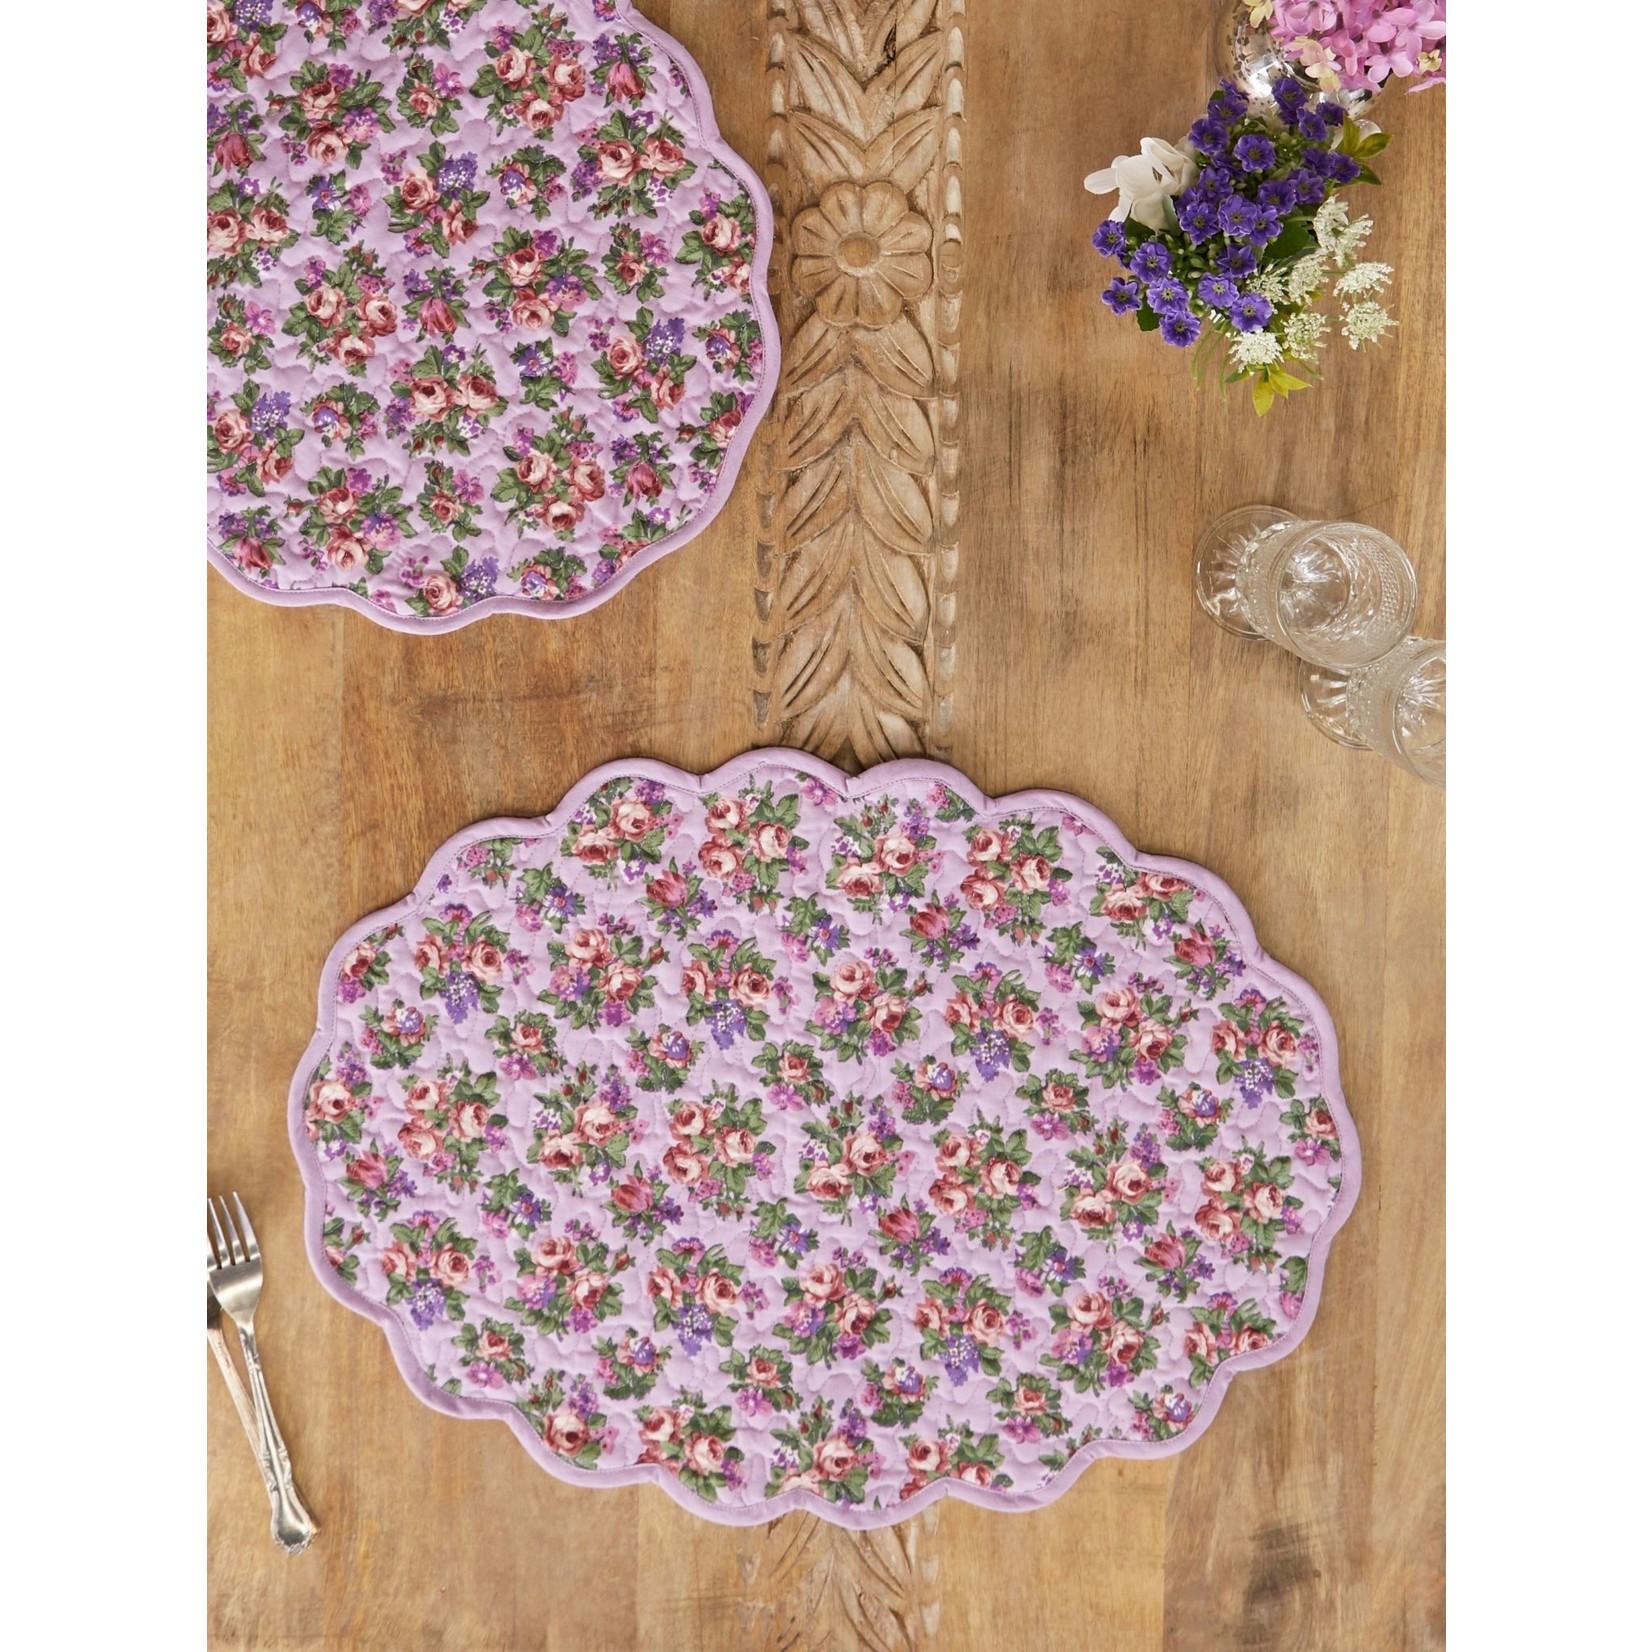 Elizabeth's Garden Placemats - Lavender